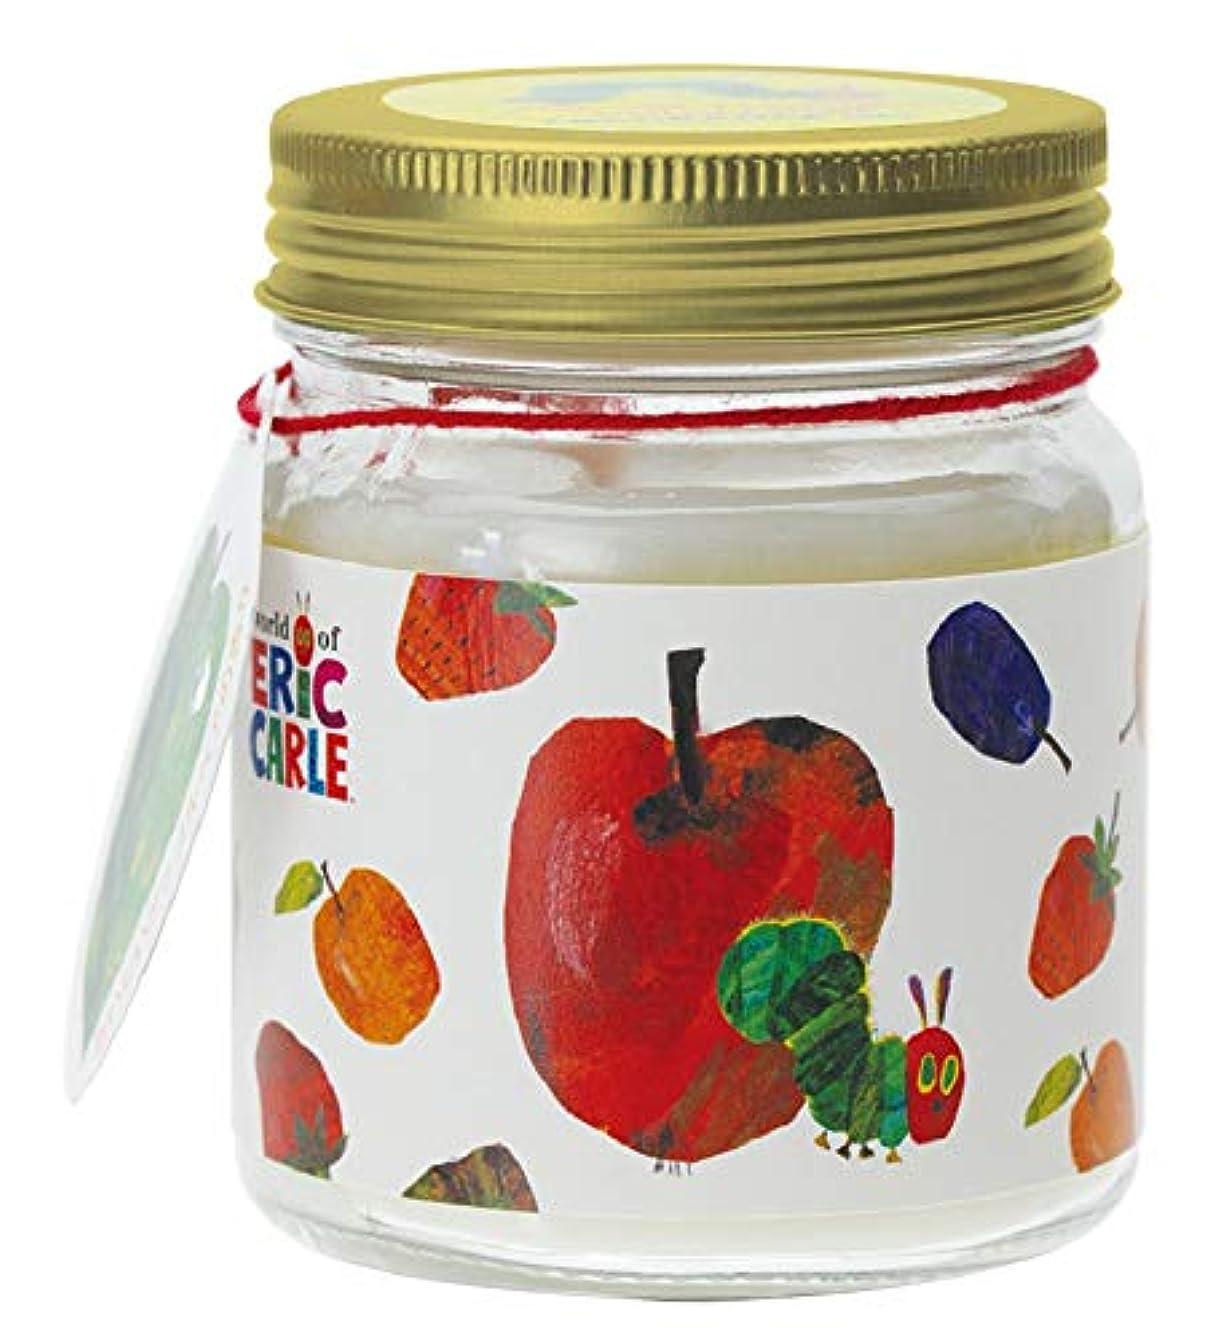 ズボンスキム細菌はらぺこあおむし フレグランスジェル 置き型 大容量 アップルペアの香り HPA-2-01